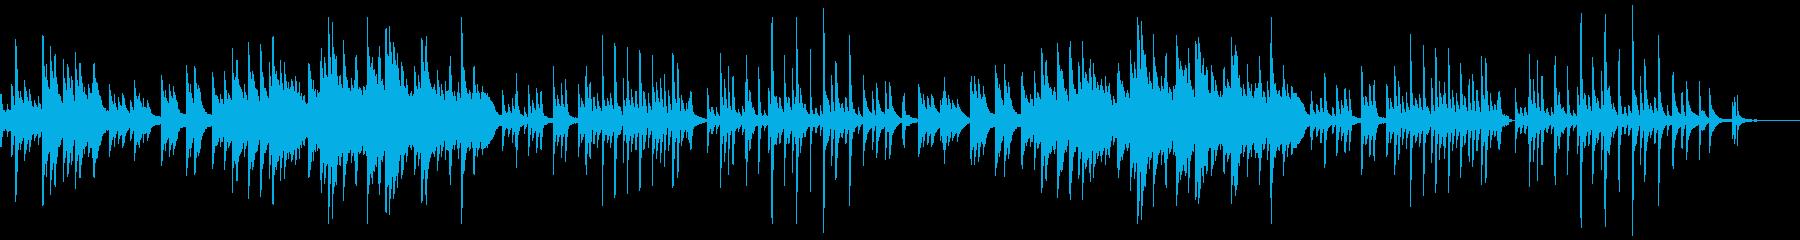 童謡「むすんでひらいて」エモいチルピアノの再生済みの波形